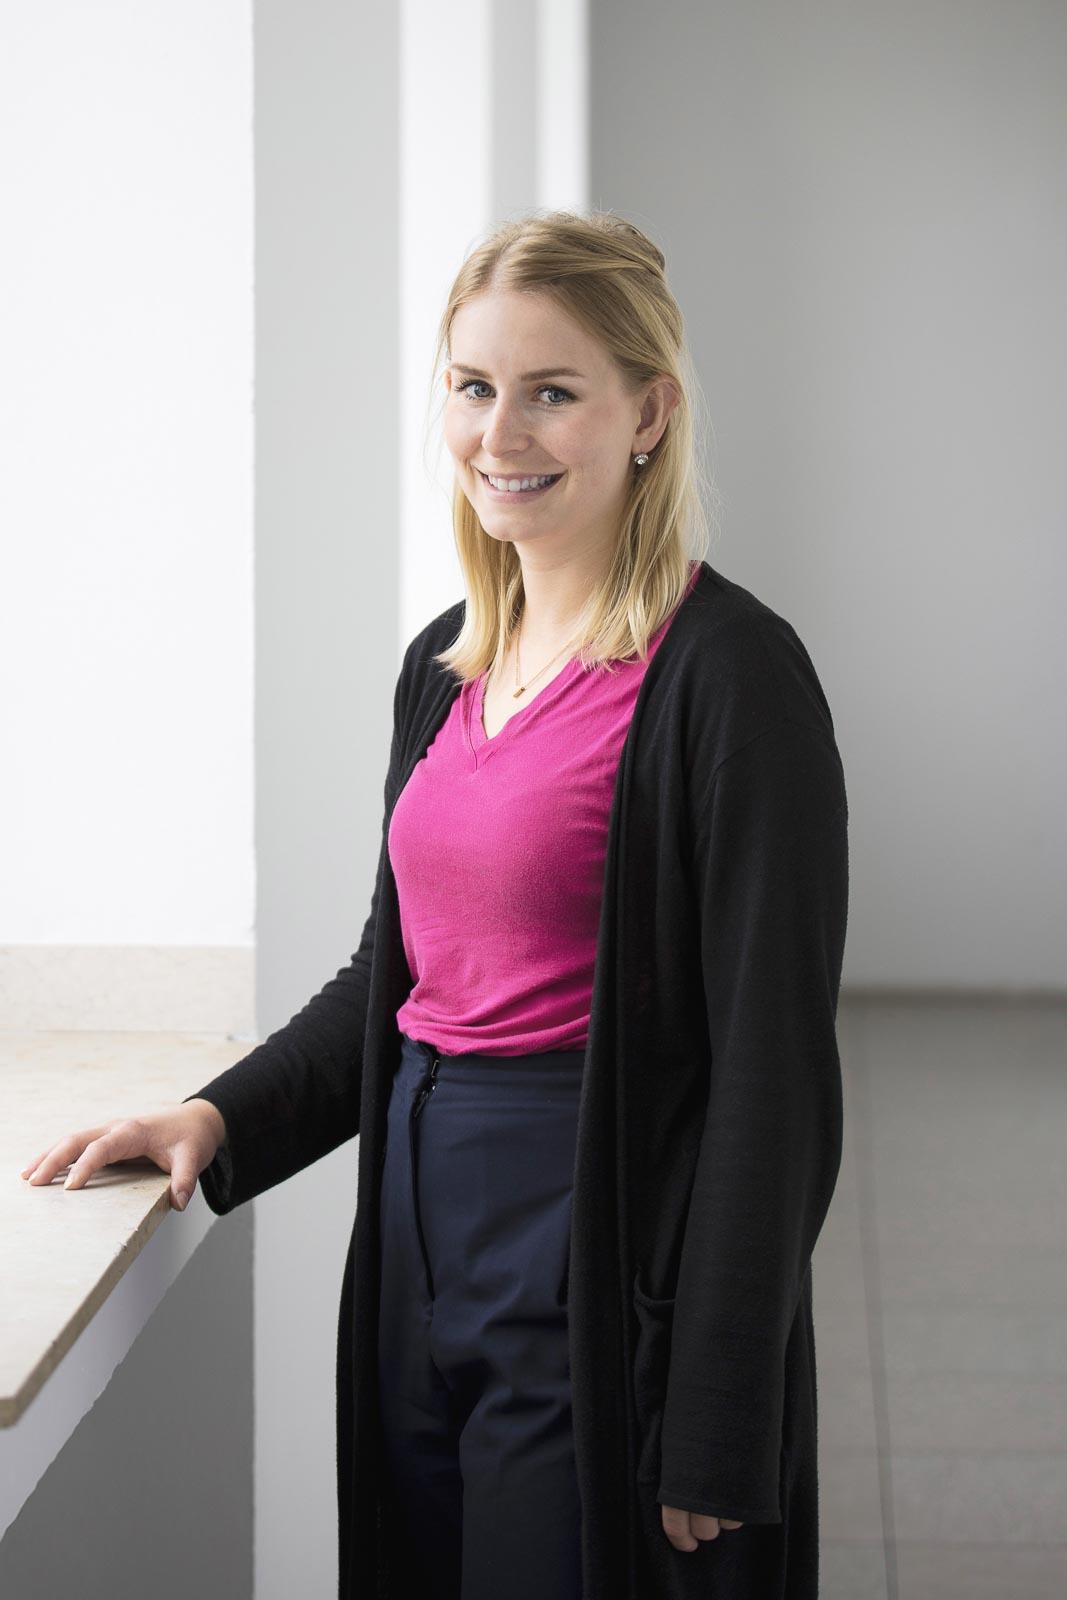 Anna Thiemicke